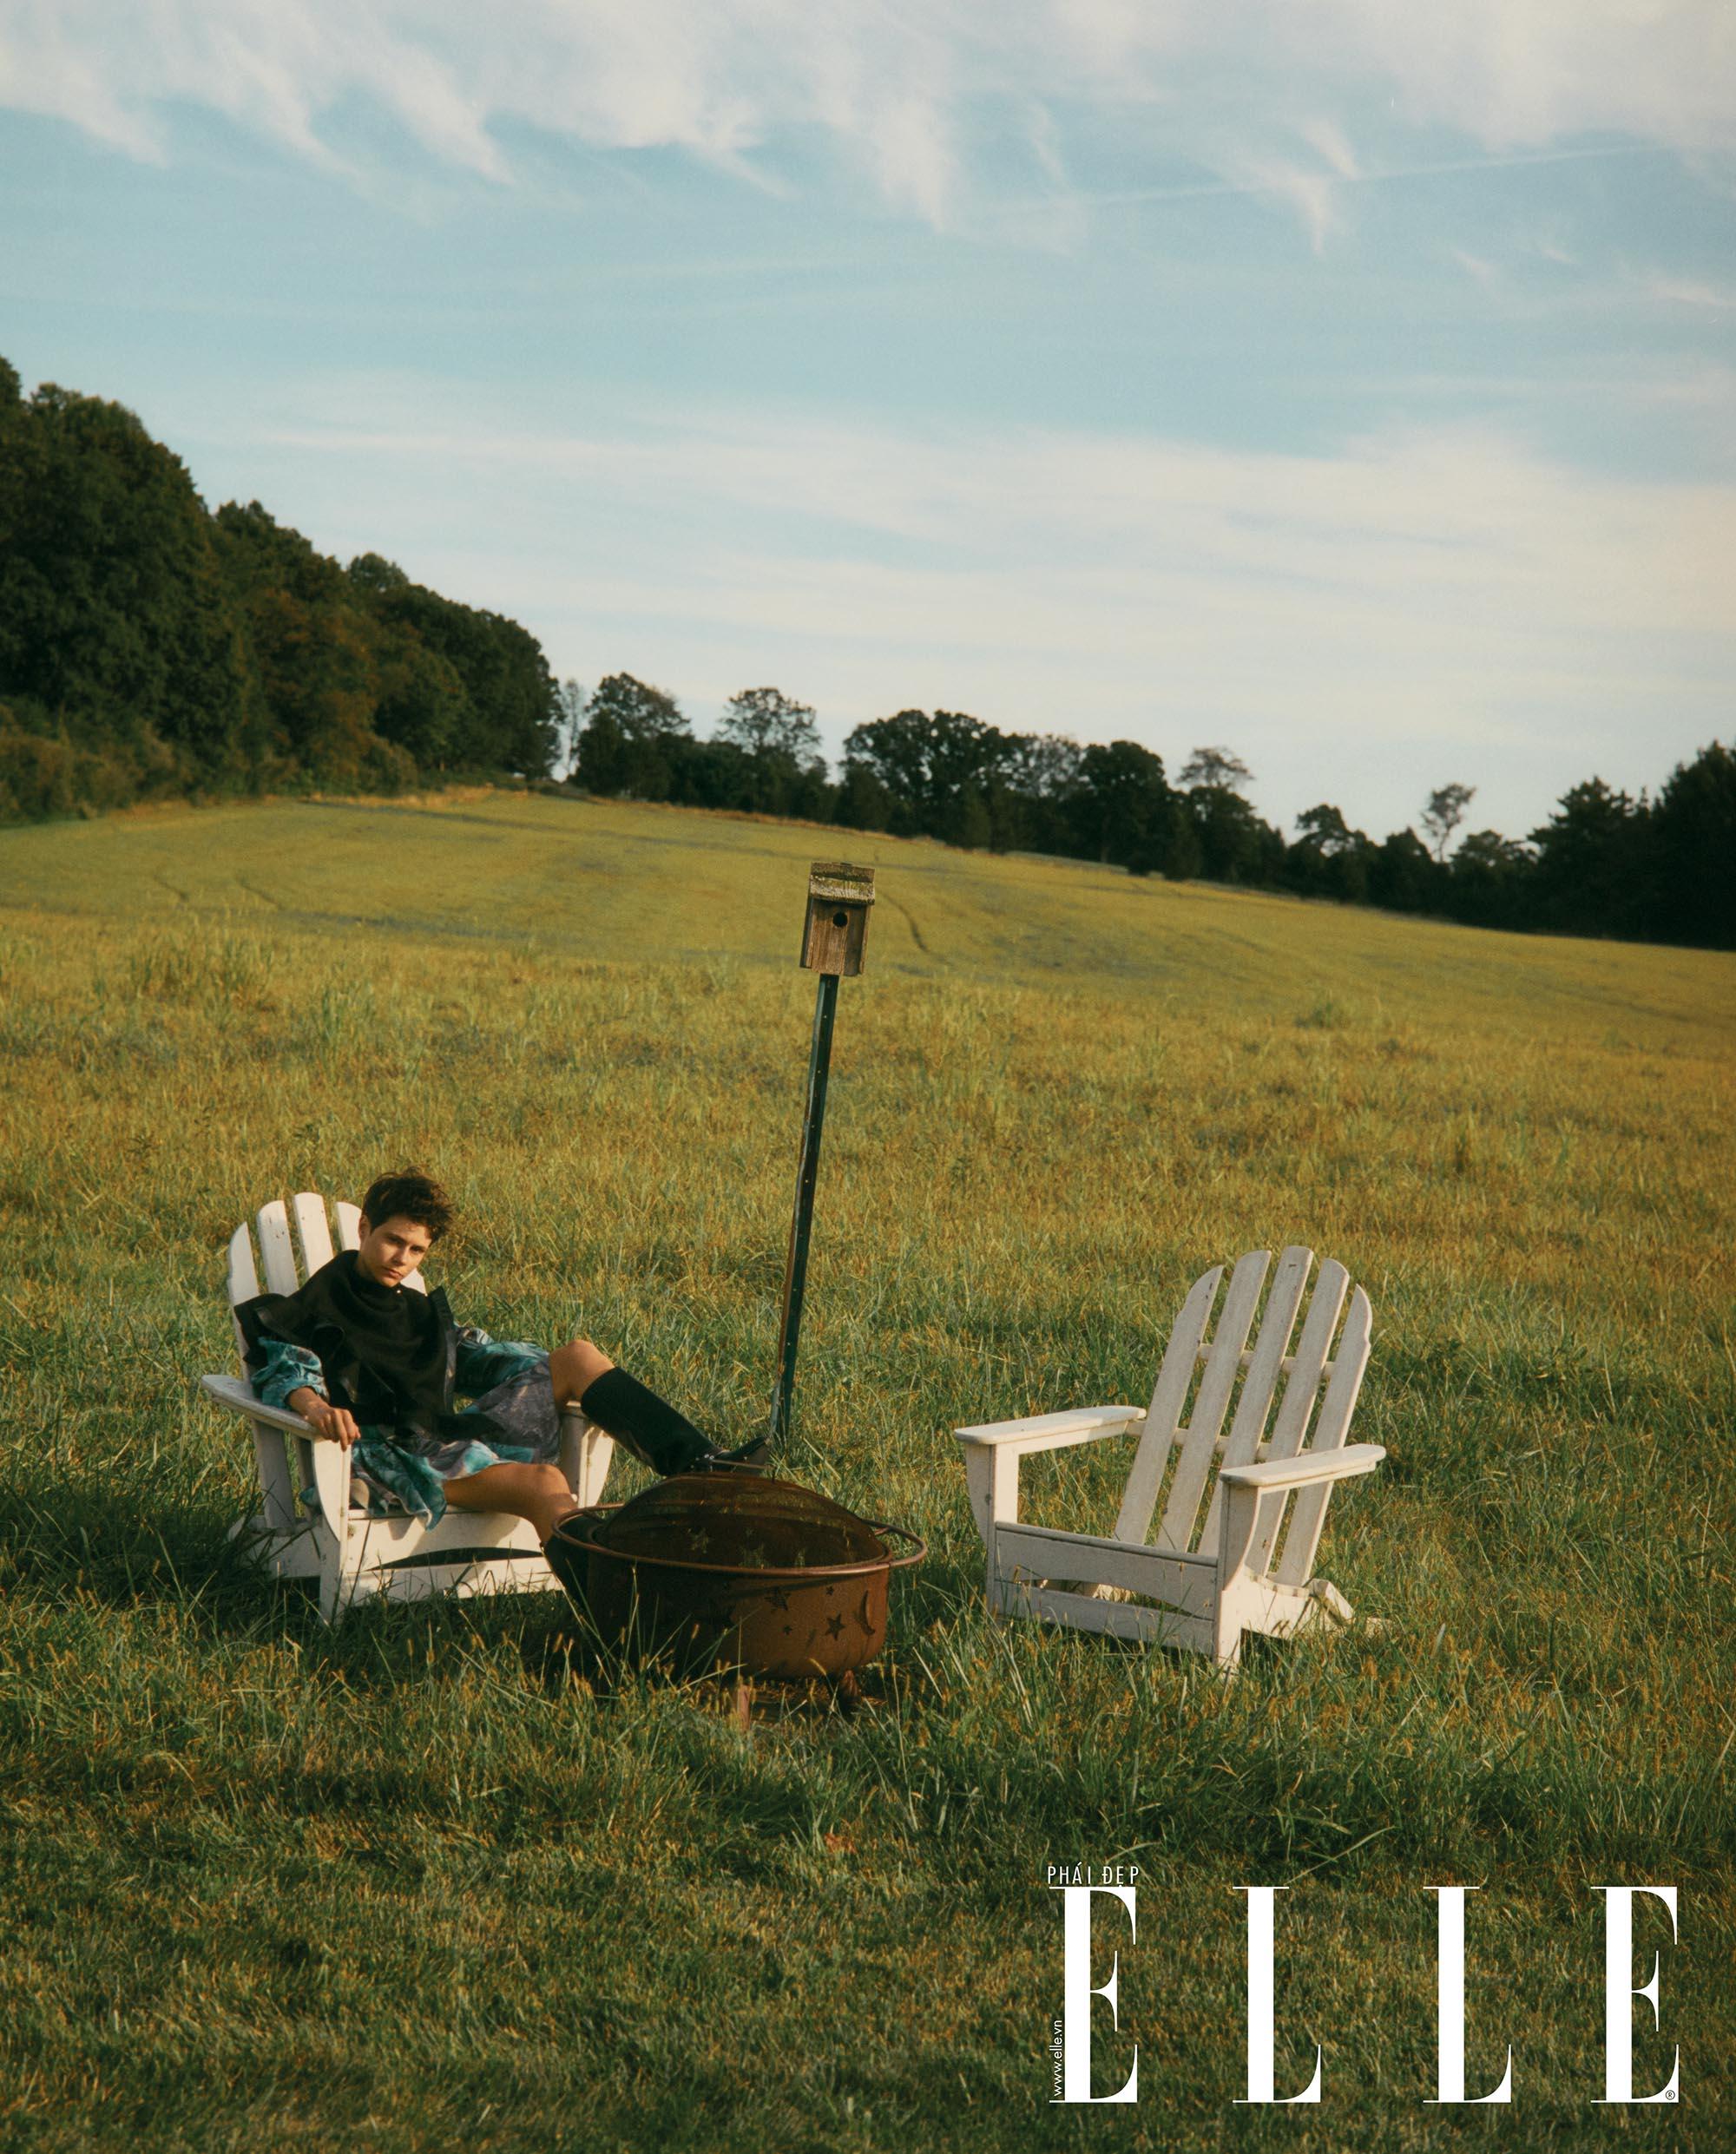 bộ ảnh người mẫu ngồi trên ghế trắng đặt tại cánh đồng